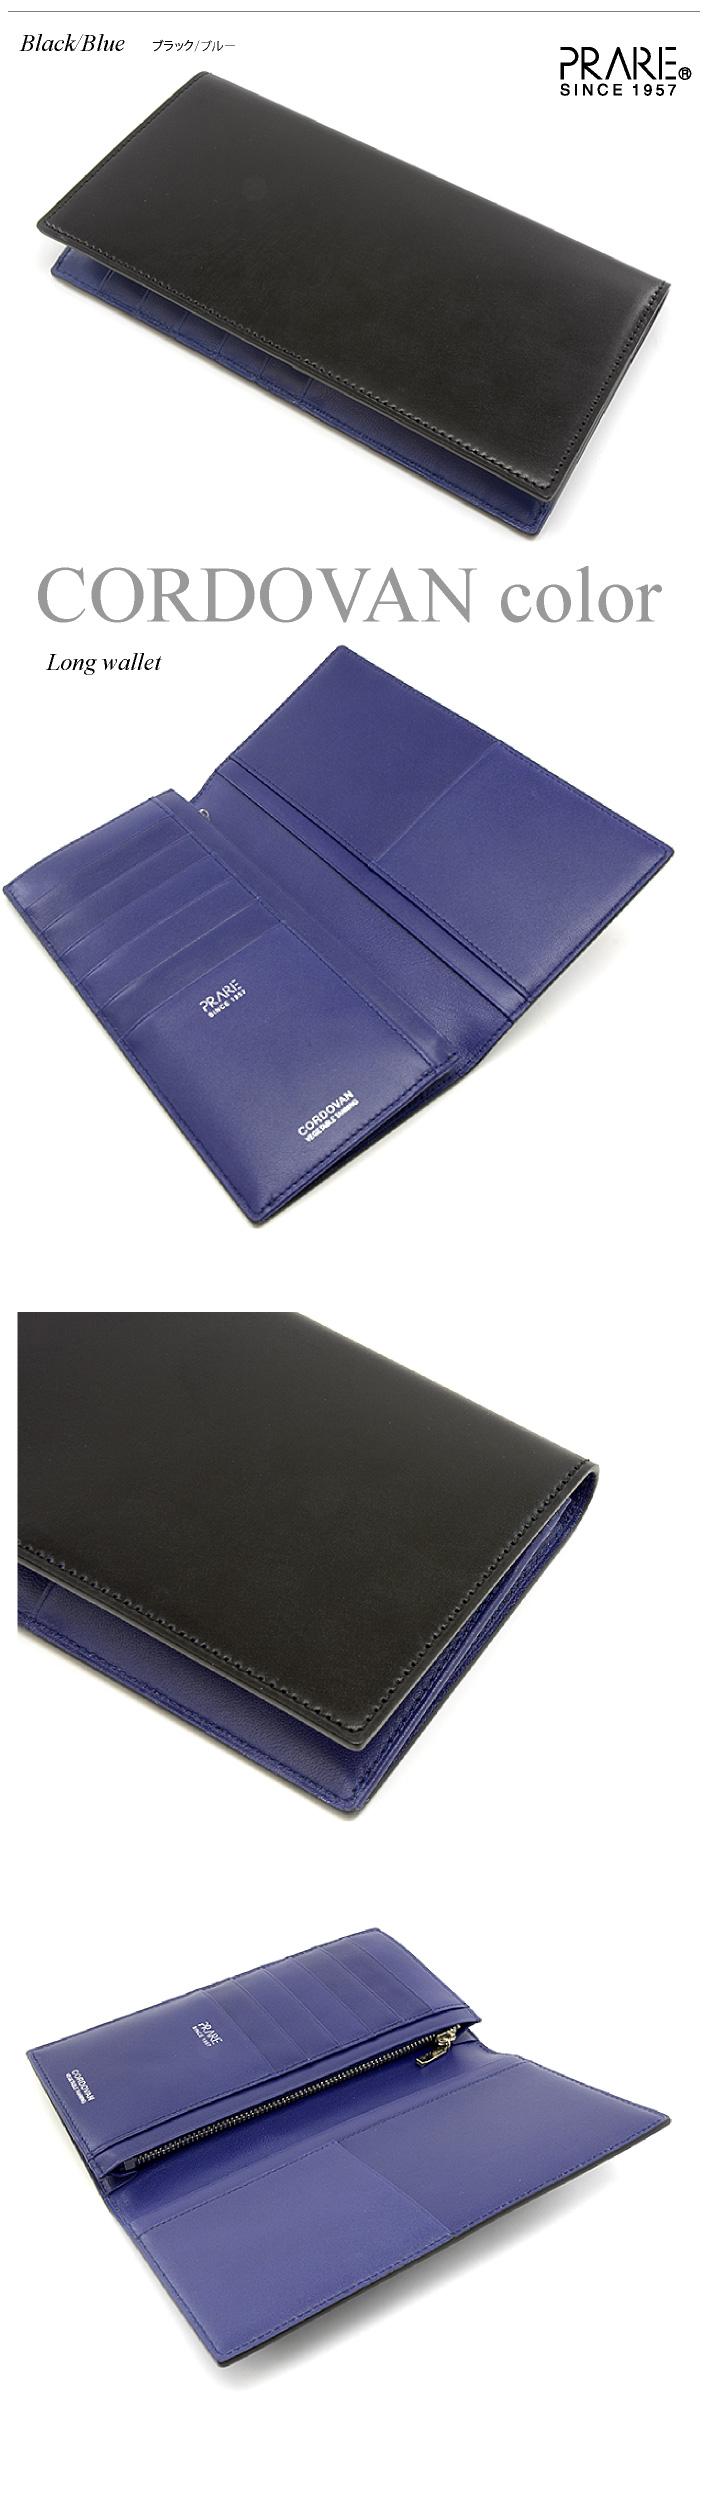 e1d77ec3dc30 送料無料】CORDOVAN color ベルト (コードバンカラーシリーズ) 長財布 ...